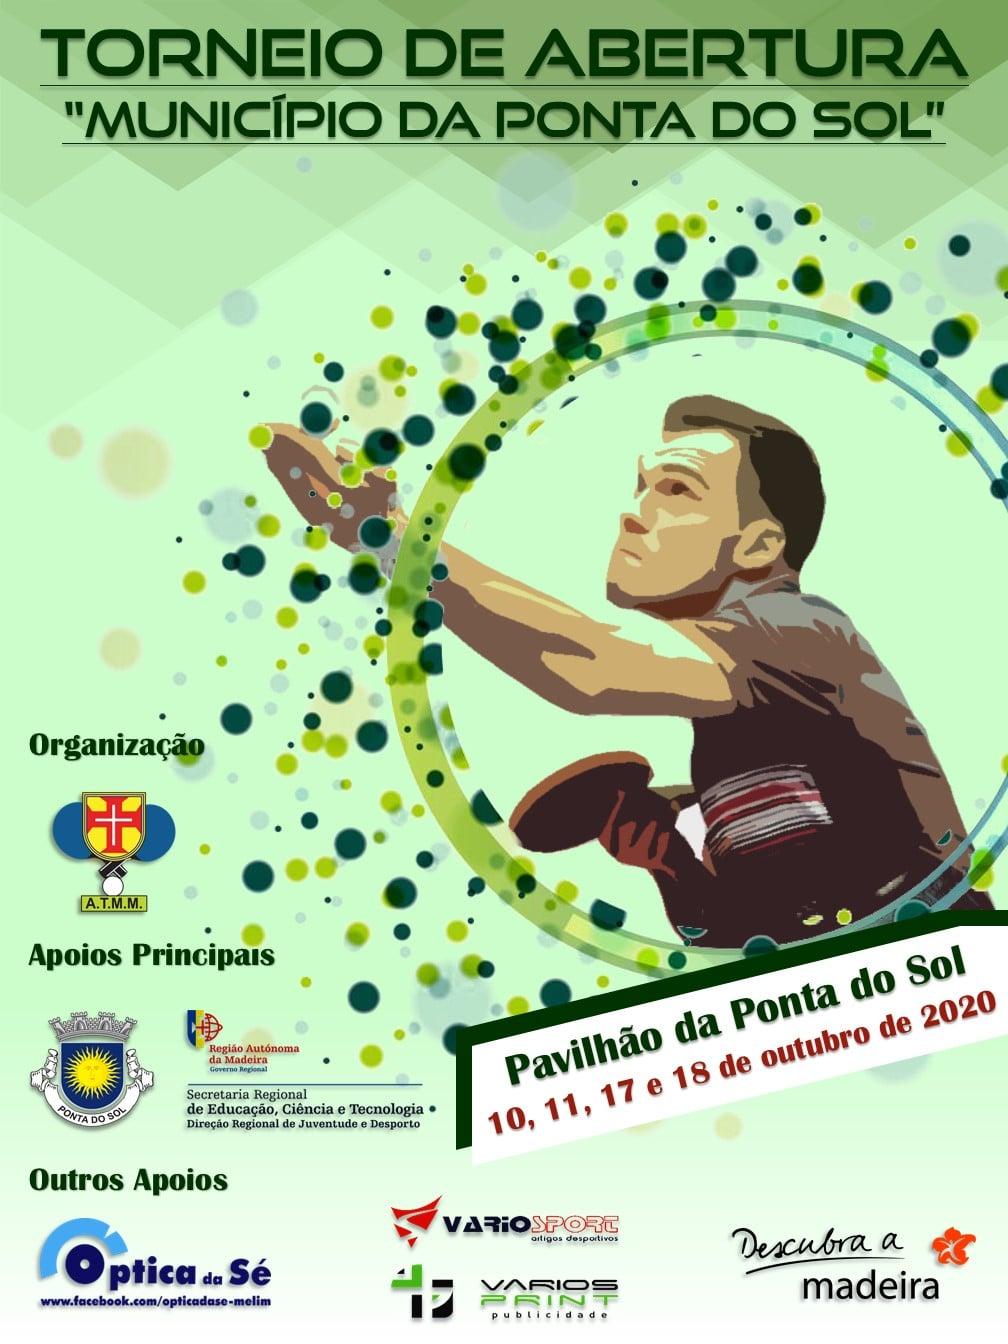 Torneio de Abertura | Município da Ponta do Sol